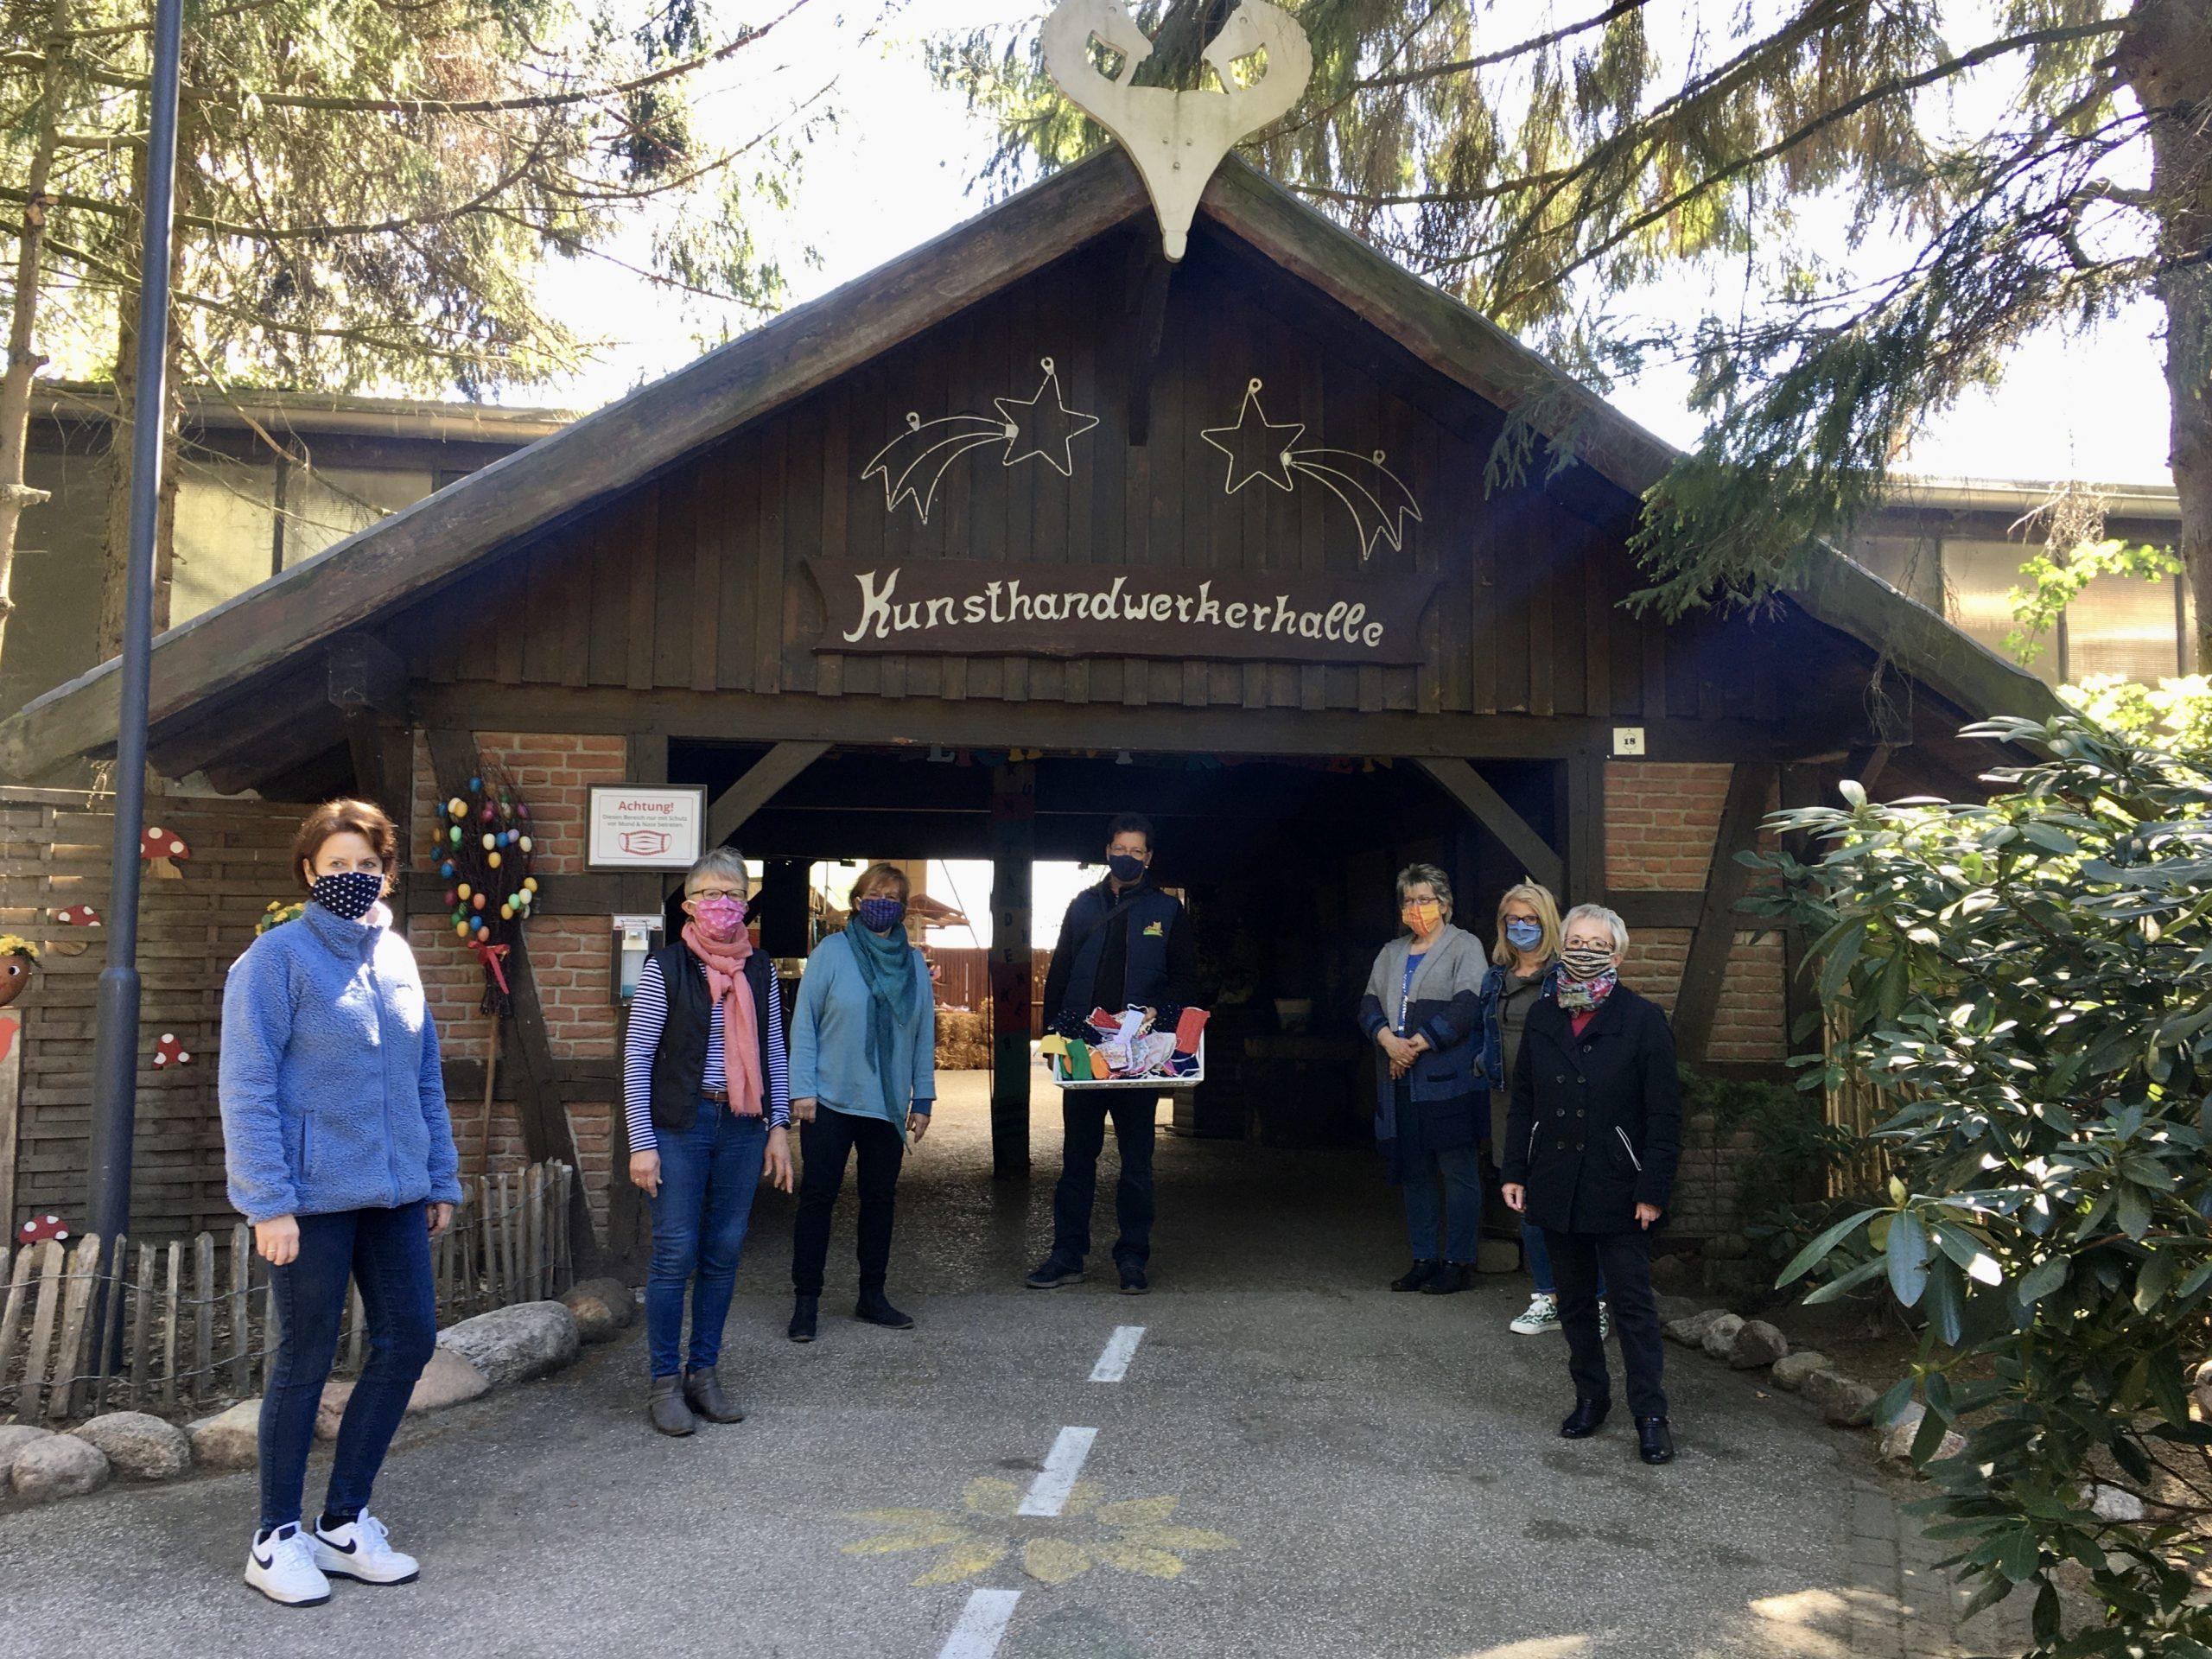 Foto: ein -Viele fleißige Hände nähten Mundschutzmasken und sammelten damit Spenden für den Wildpark